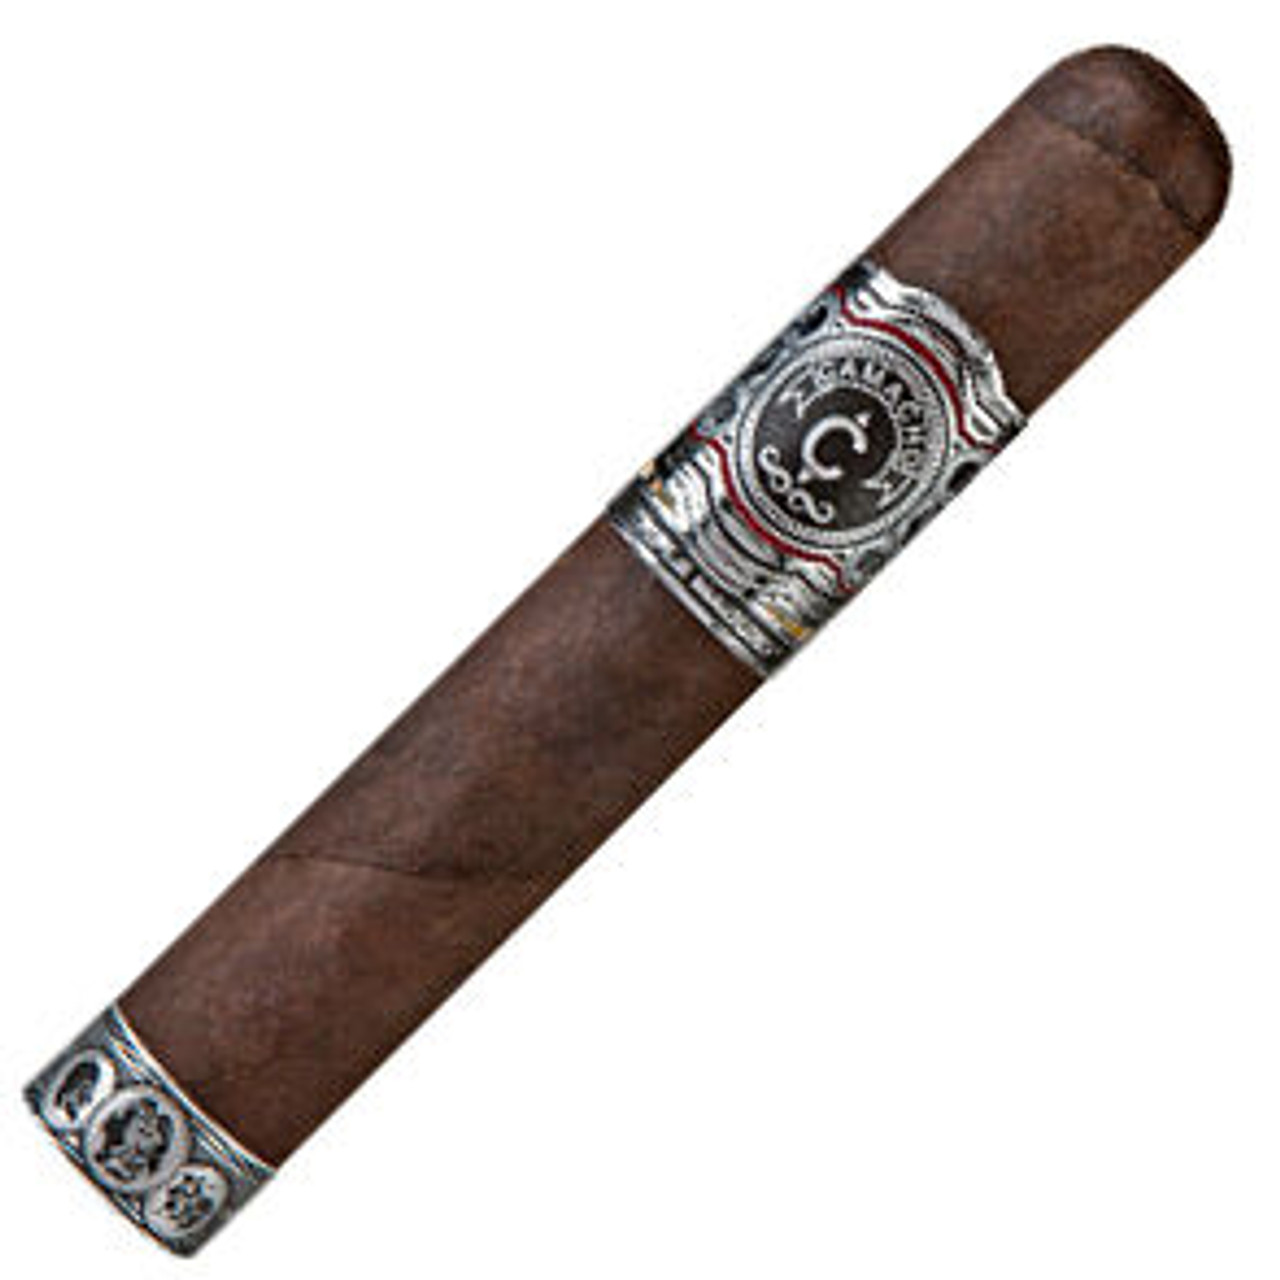 Camacho Triple Maduro Robusto Cigars - 5.0 x 50 (Box of 20)